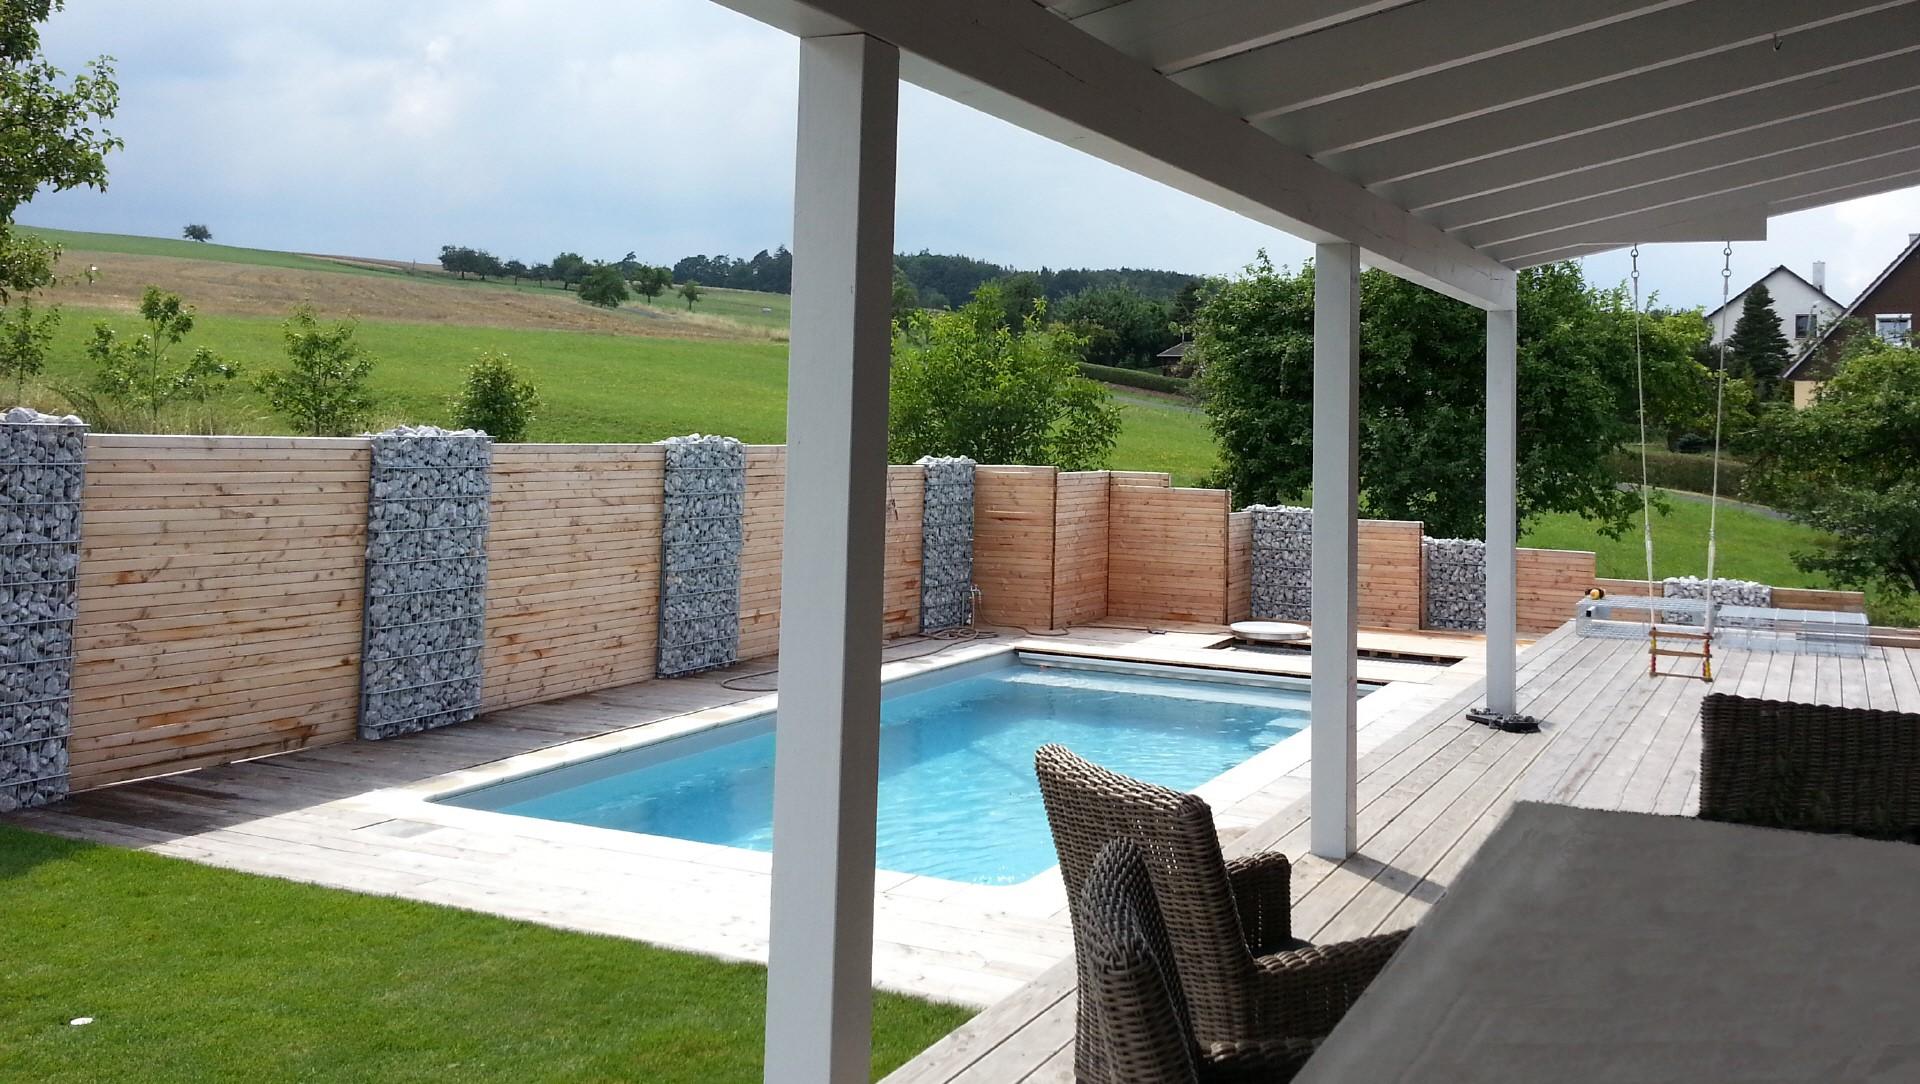 Terasse Mit Pool Und Sichtschutz Aus Holz Und Stein